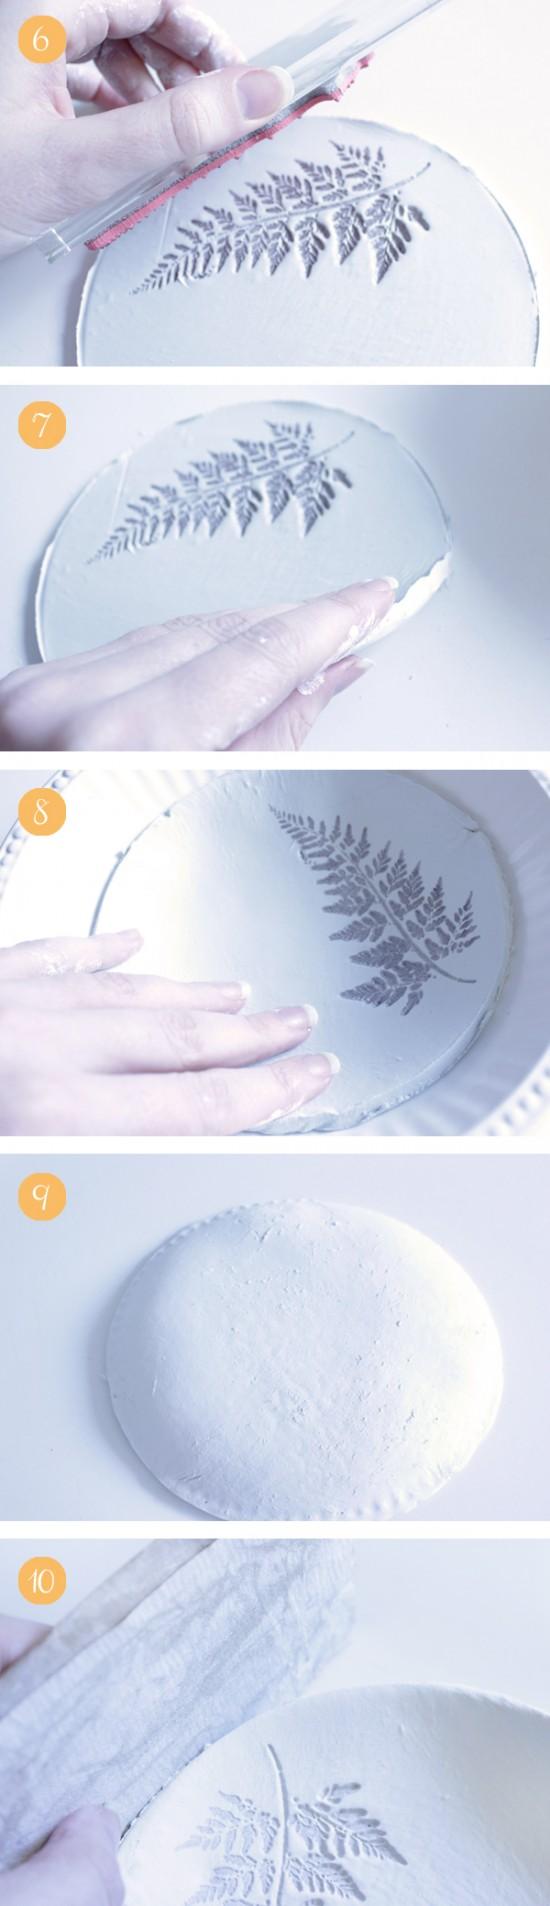 Akimbo clay ring bowl tutorial 2 550x1906 Rustic DIY Clay Ring Bowl Tutorial